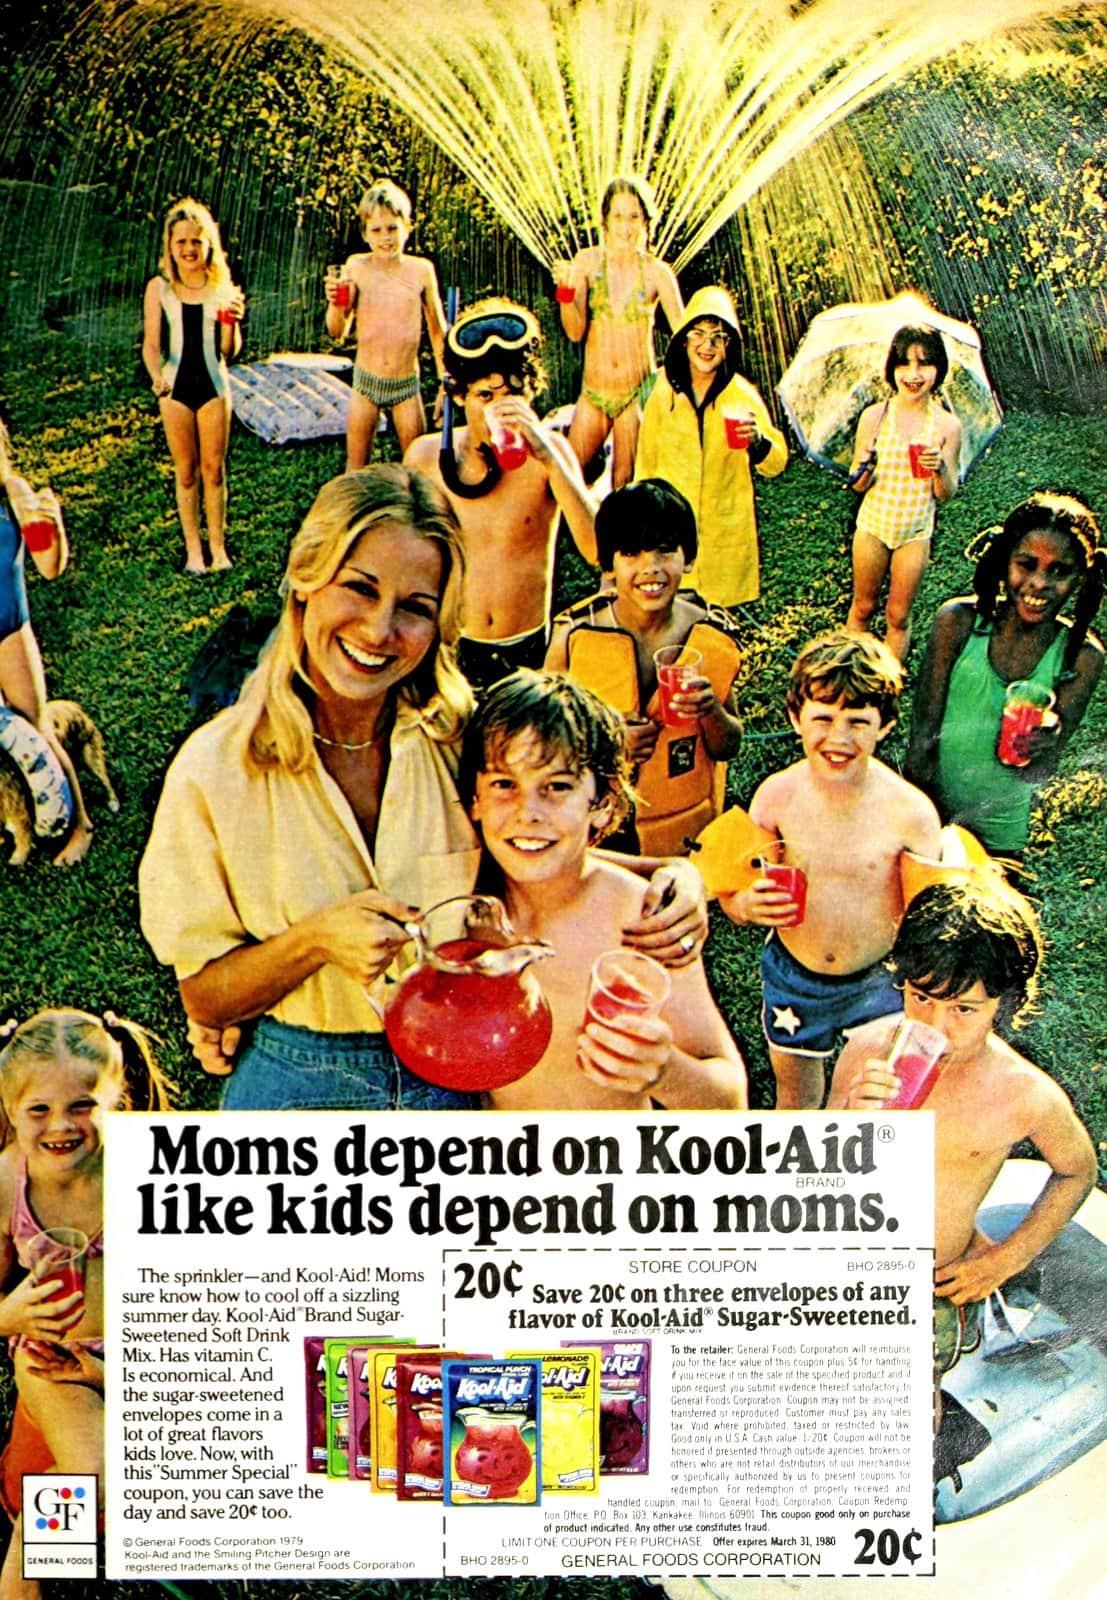 Moms depend on Kool-Aid (1980)